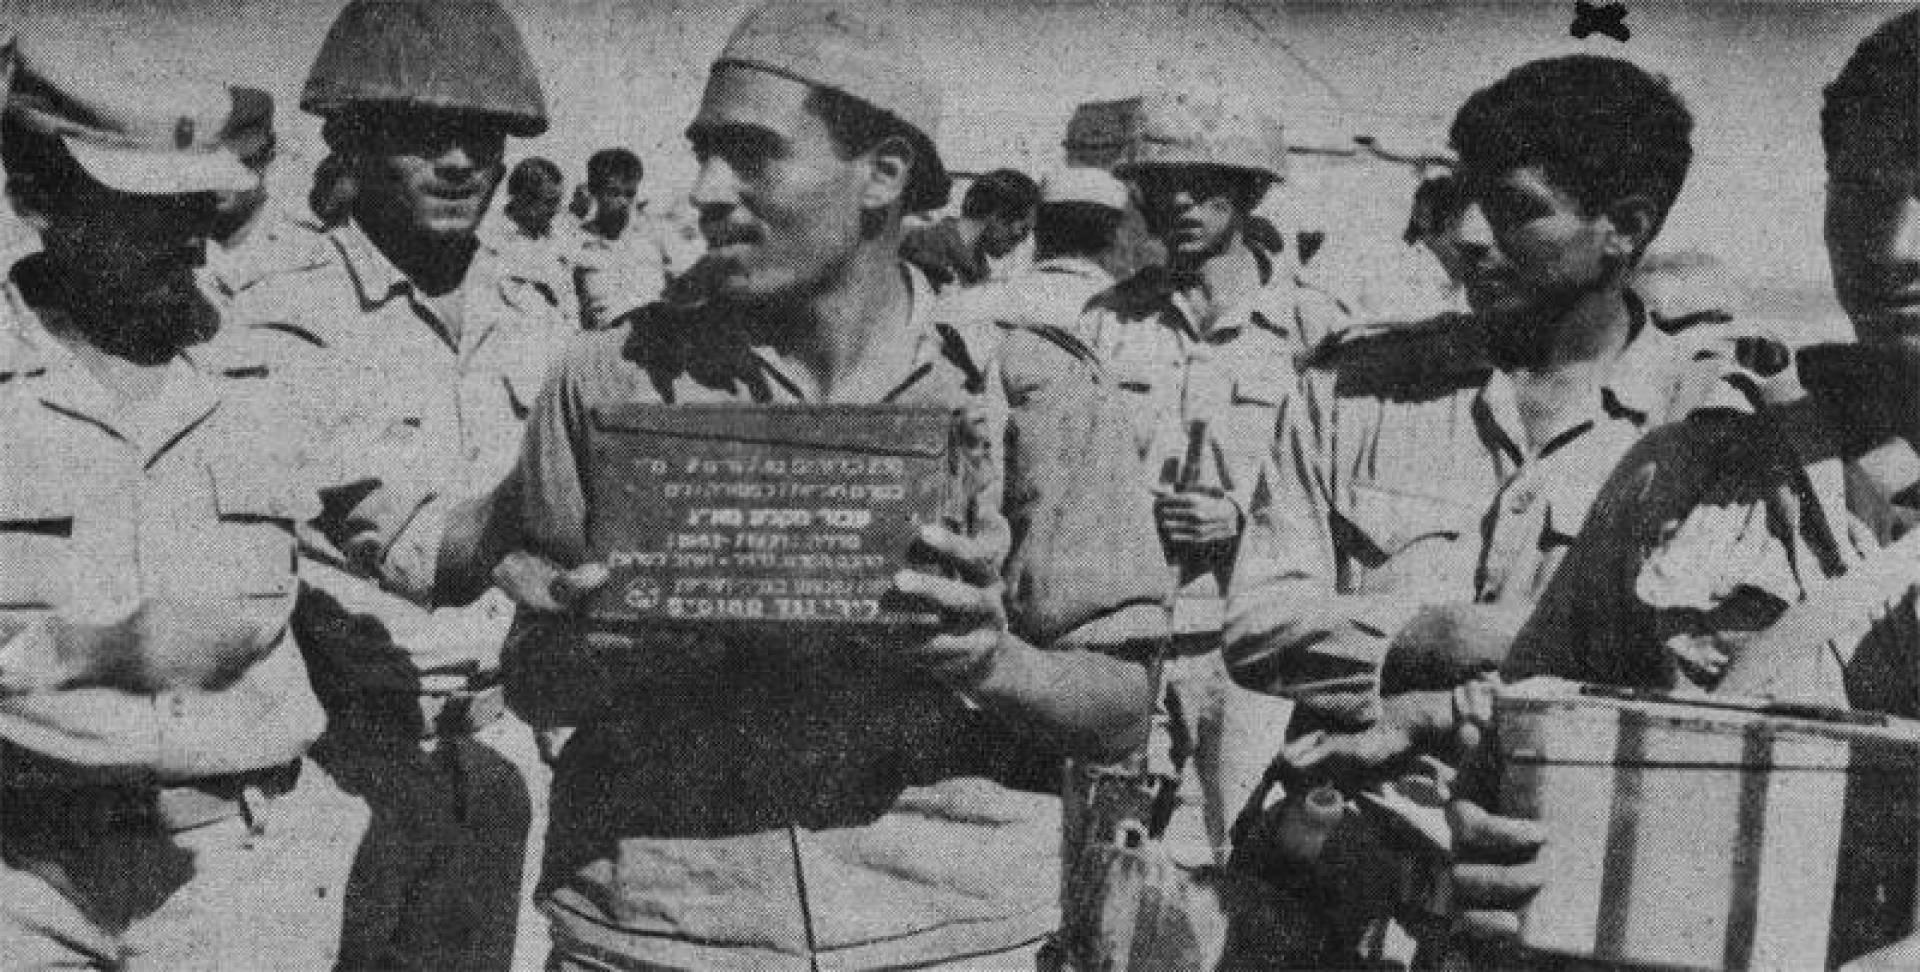 القوات المصرية في الدفرسوار.. أرشيفية